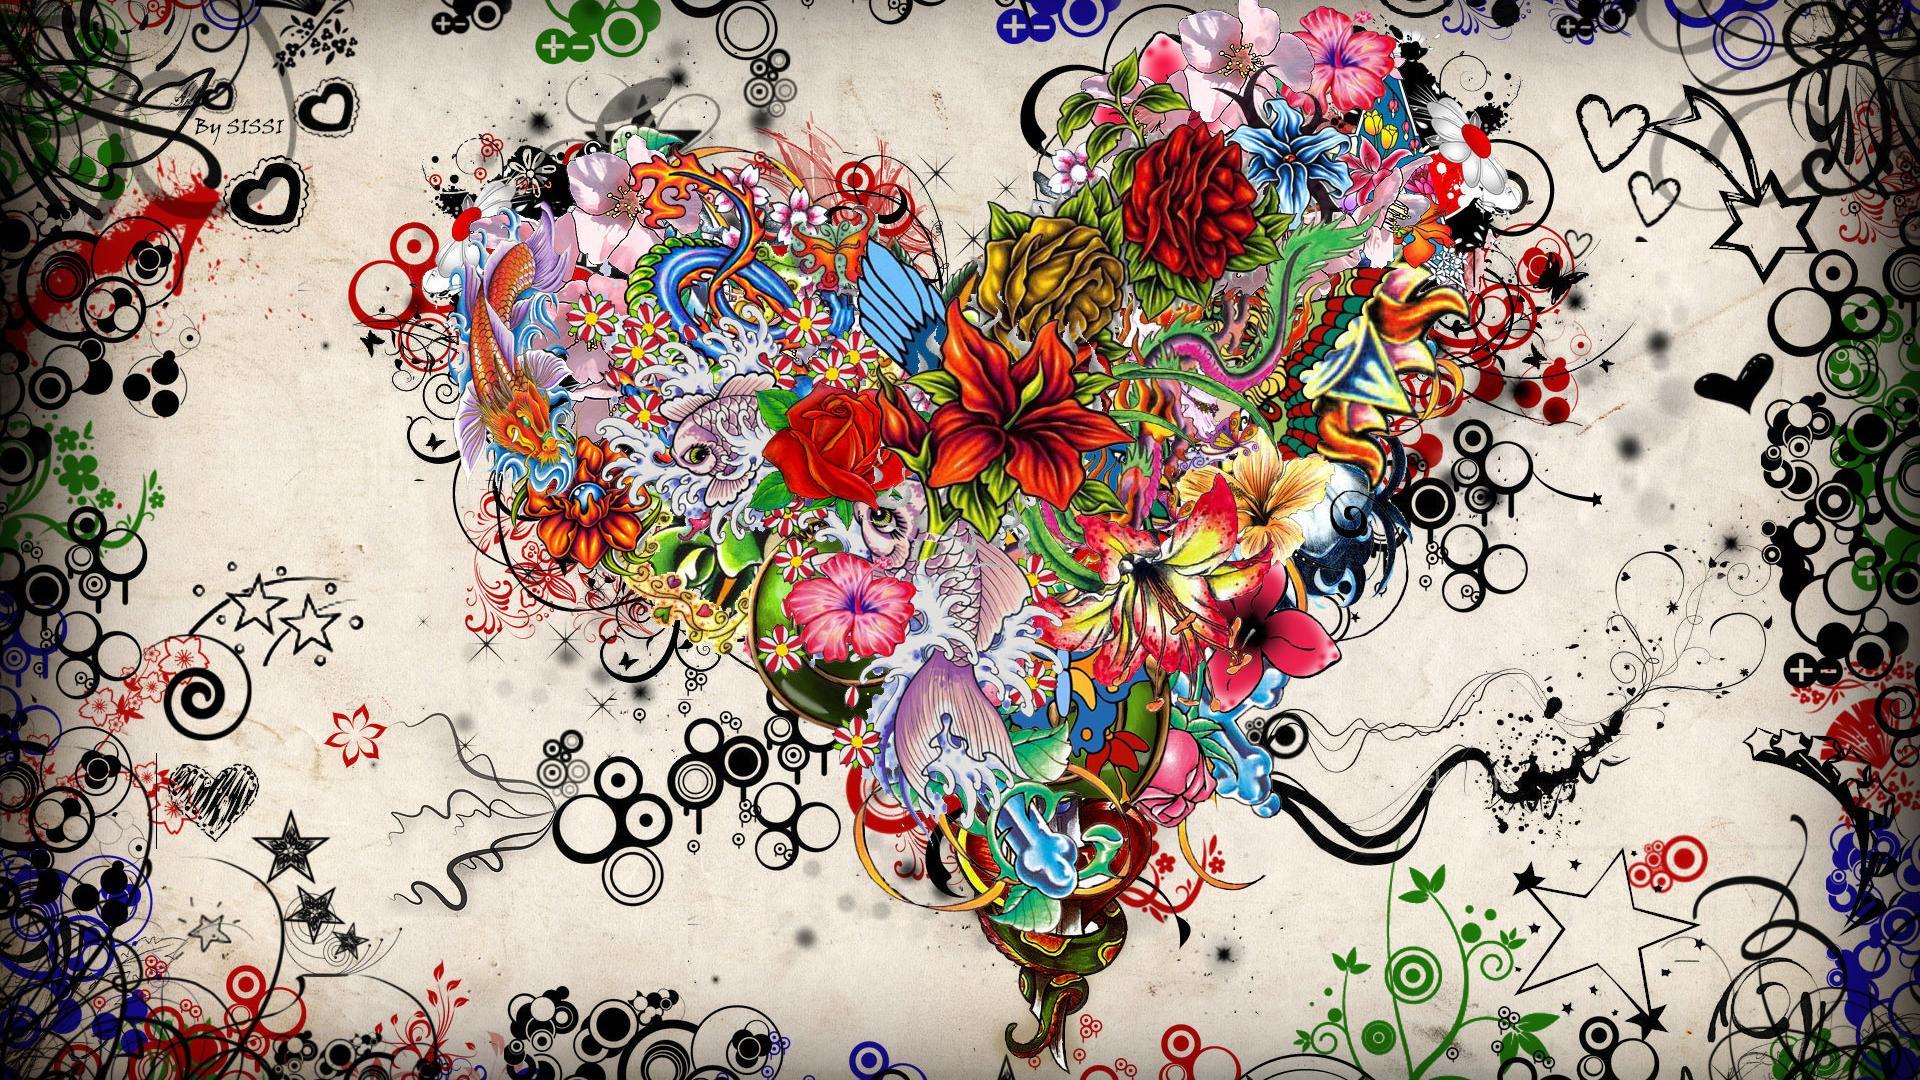 48 abstract art desktop wallpaper Pictures